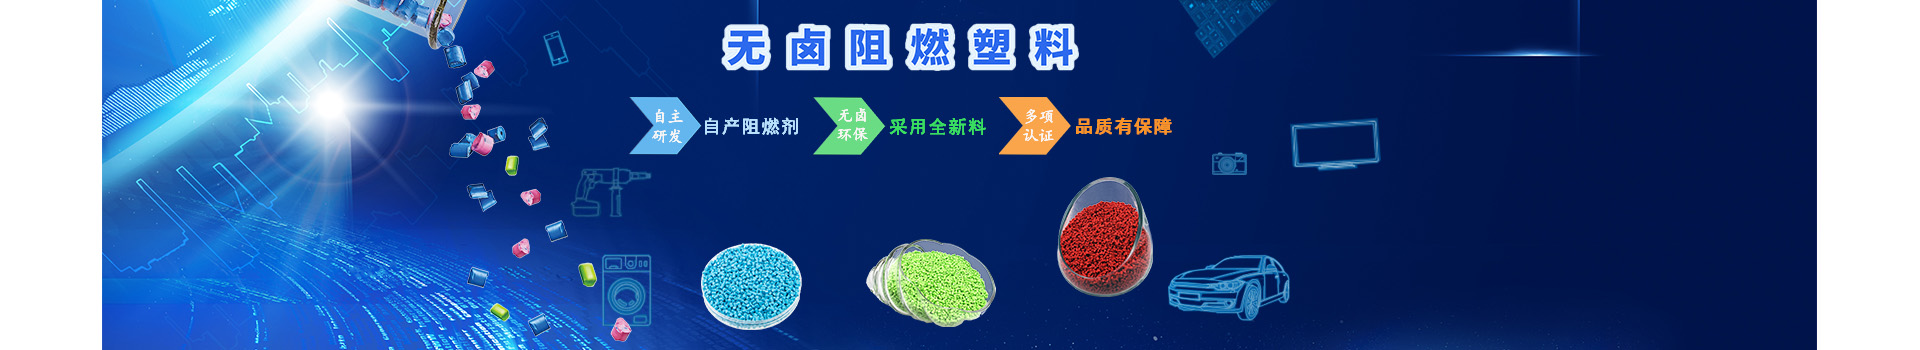 聚石化学-阻燃塑料问答banner图